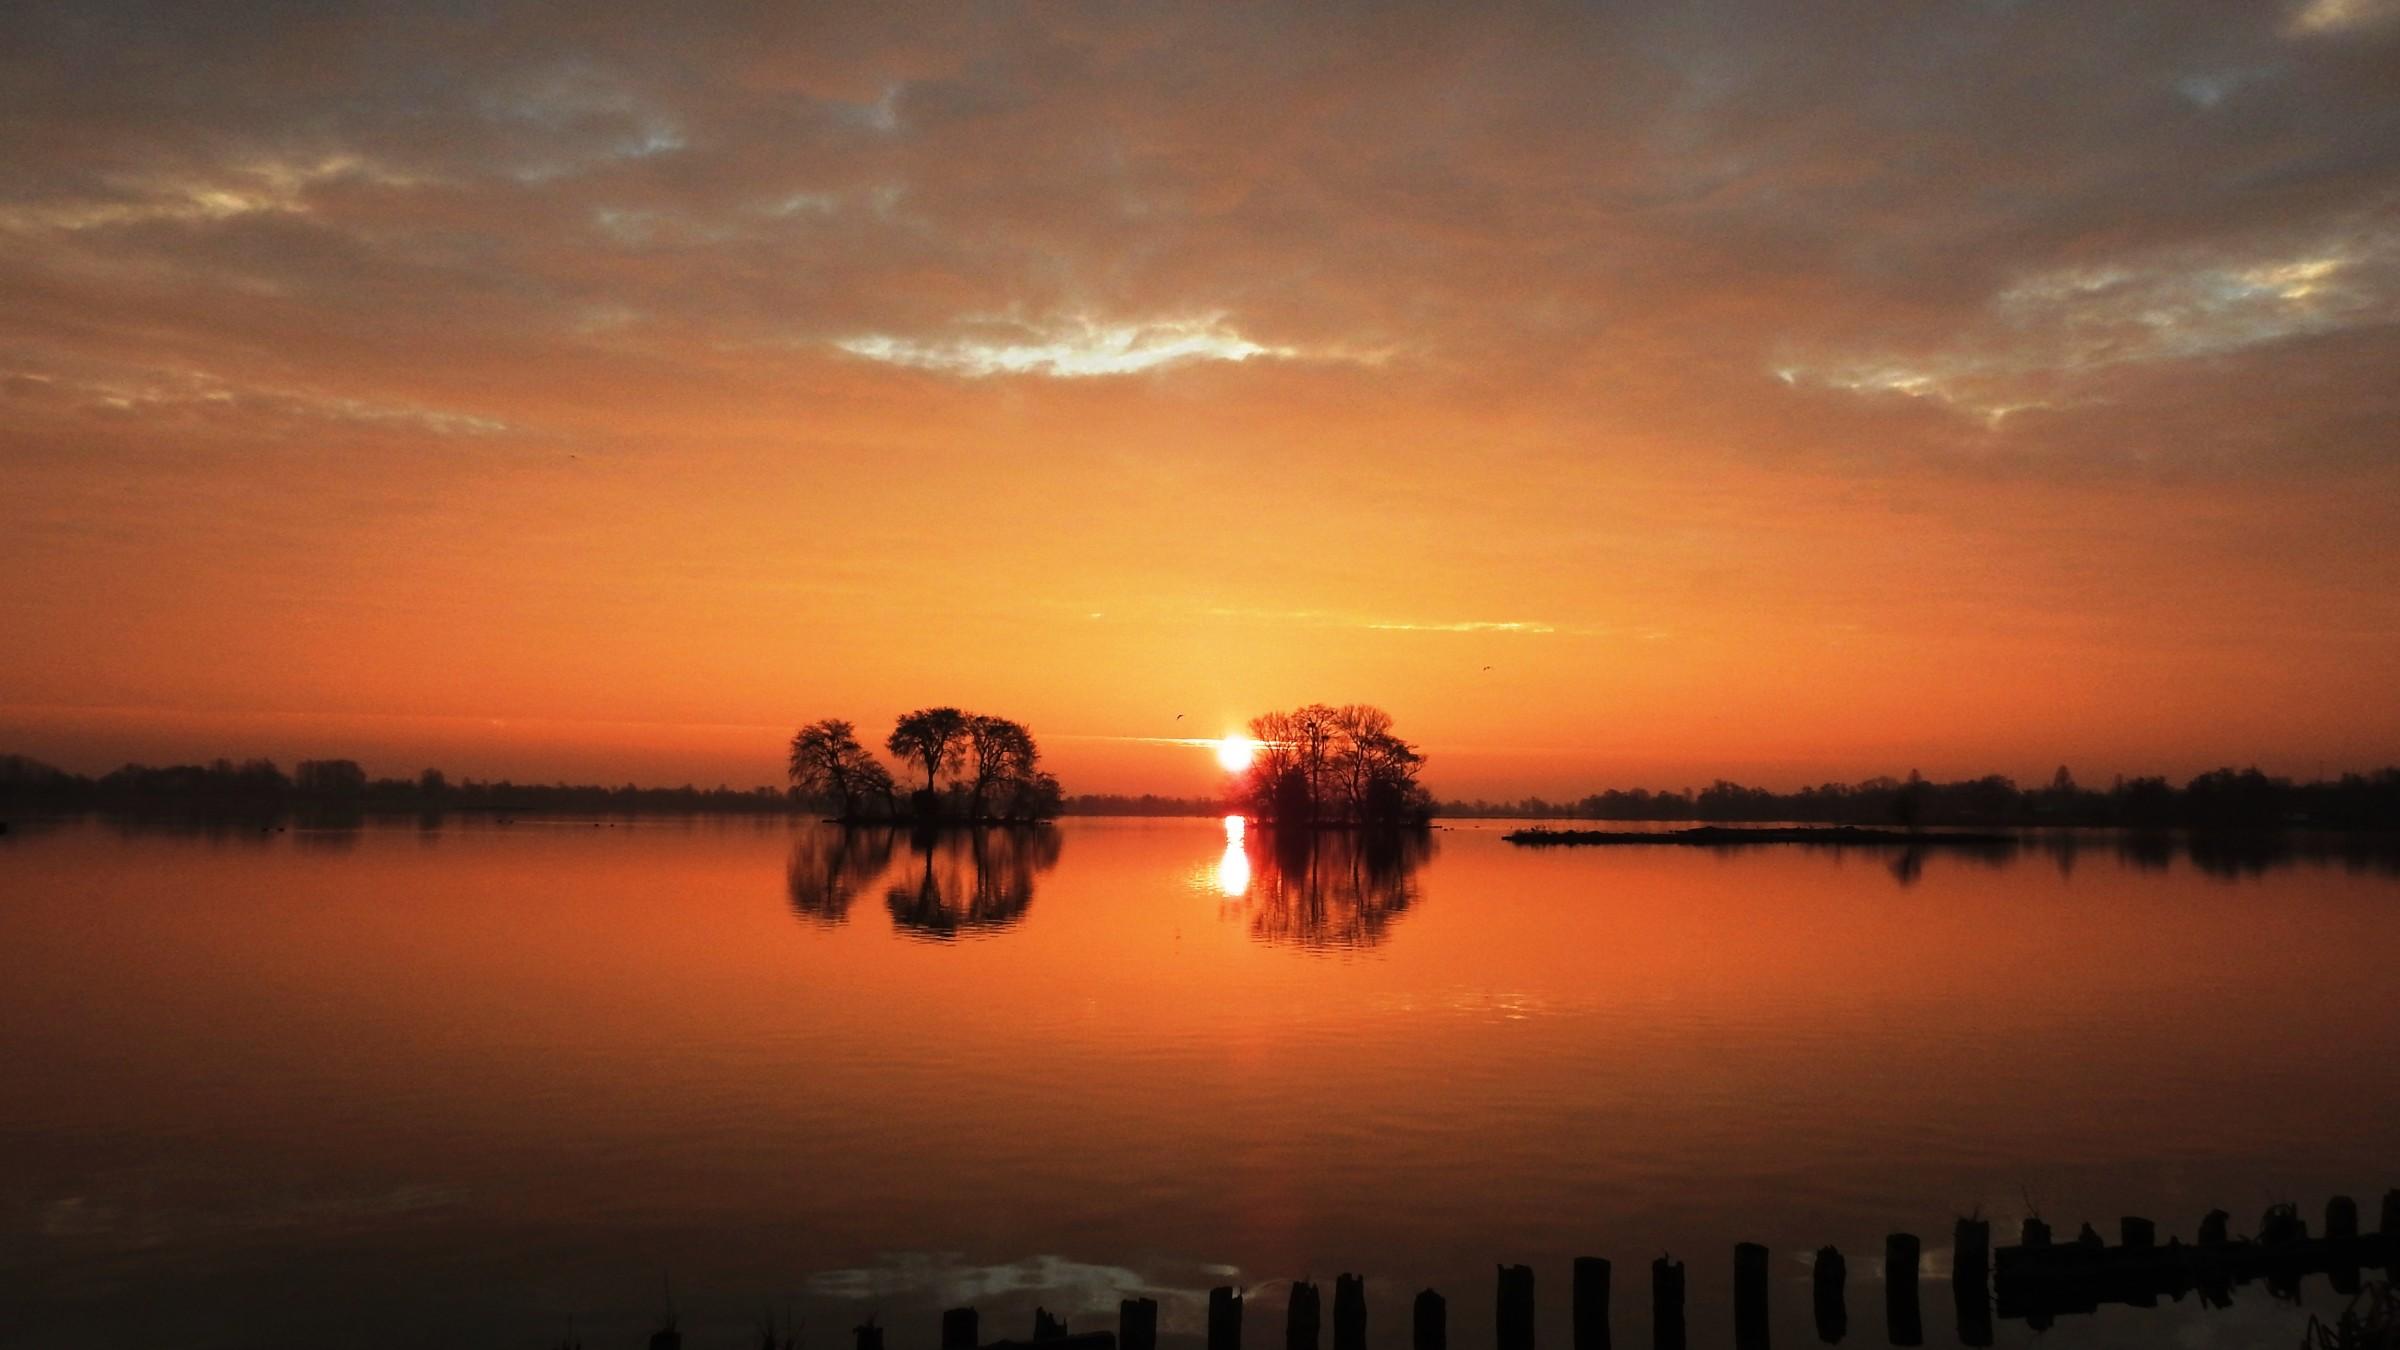 Weerwoord koude zonsopkomst met warme kleuren